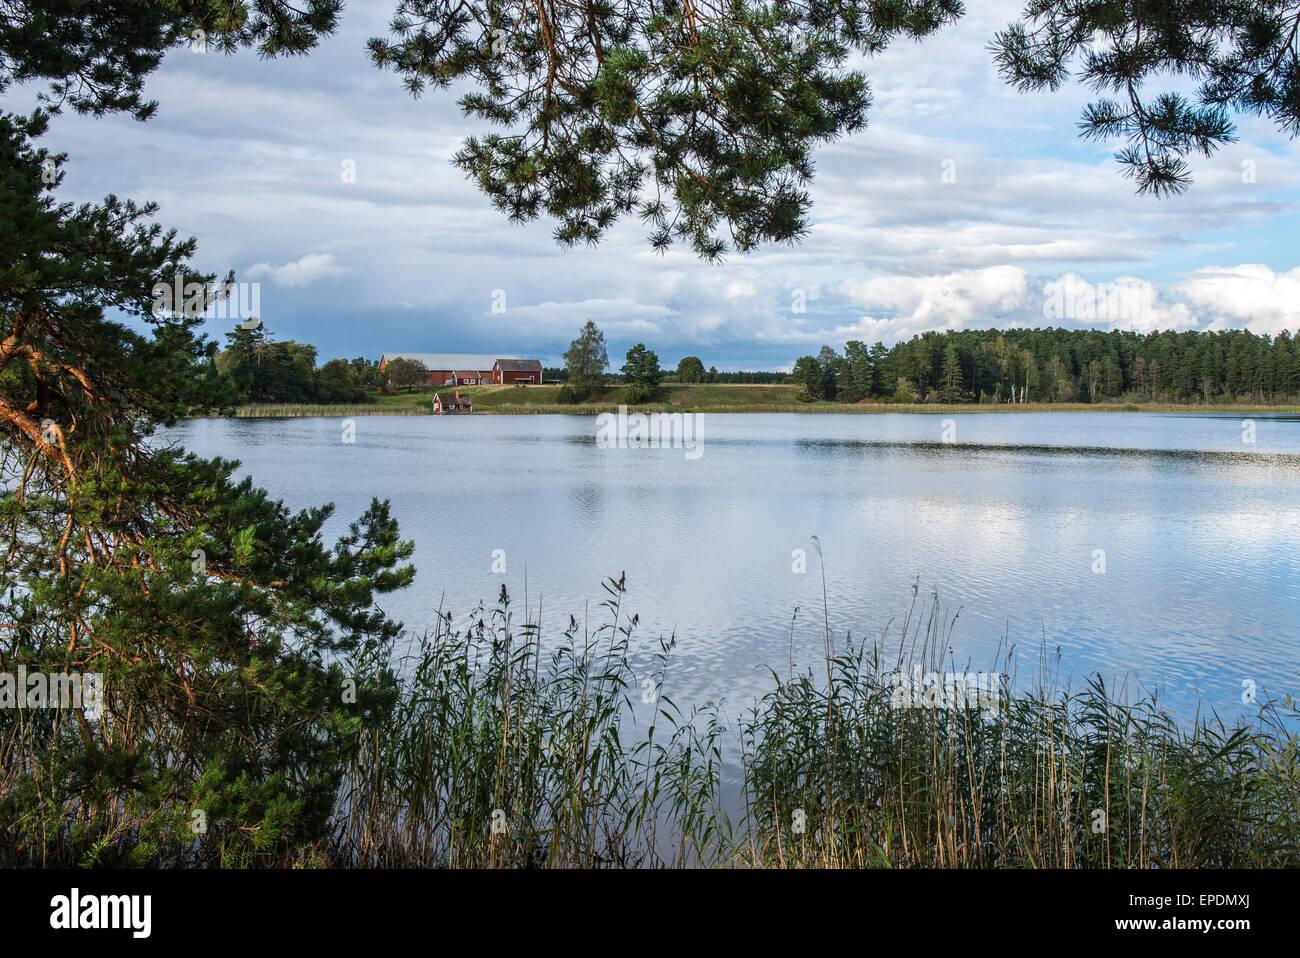 Skogssjon Lake, Mjolby, Sweden Stock Photo